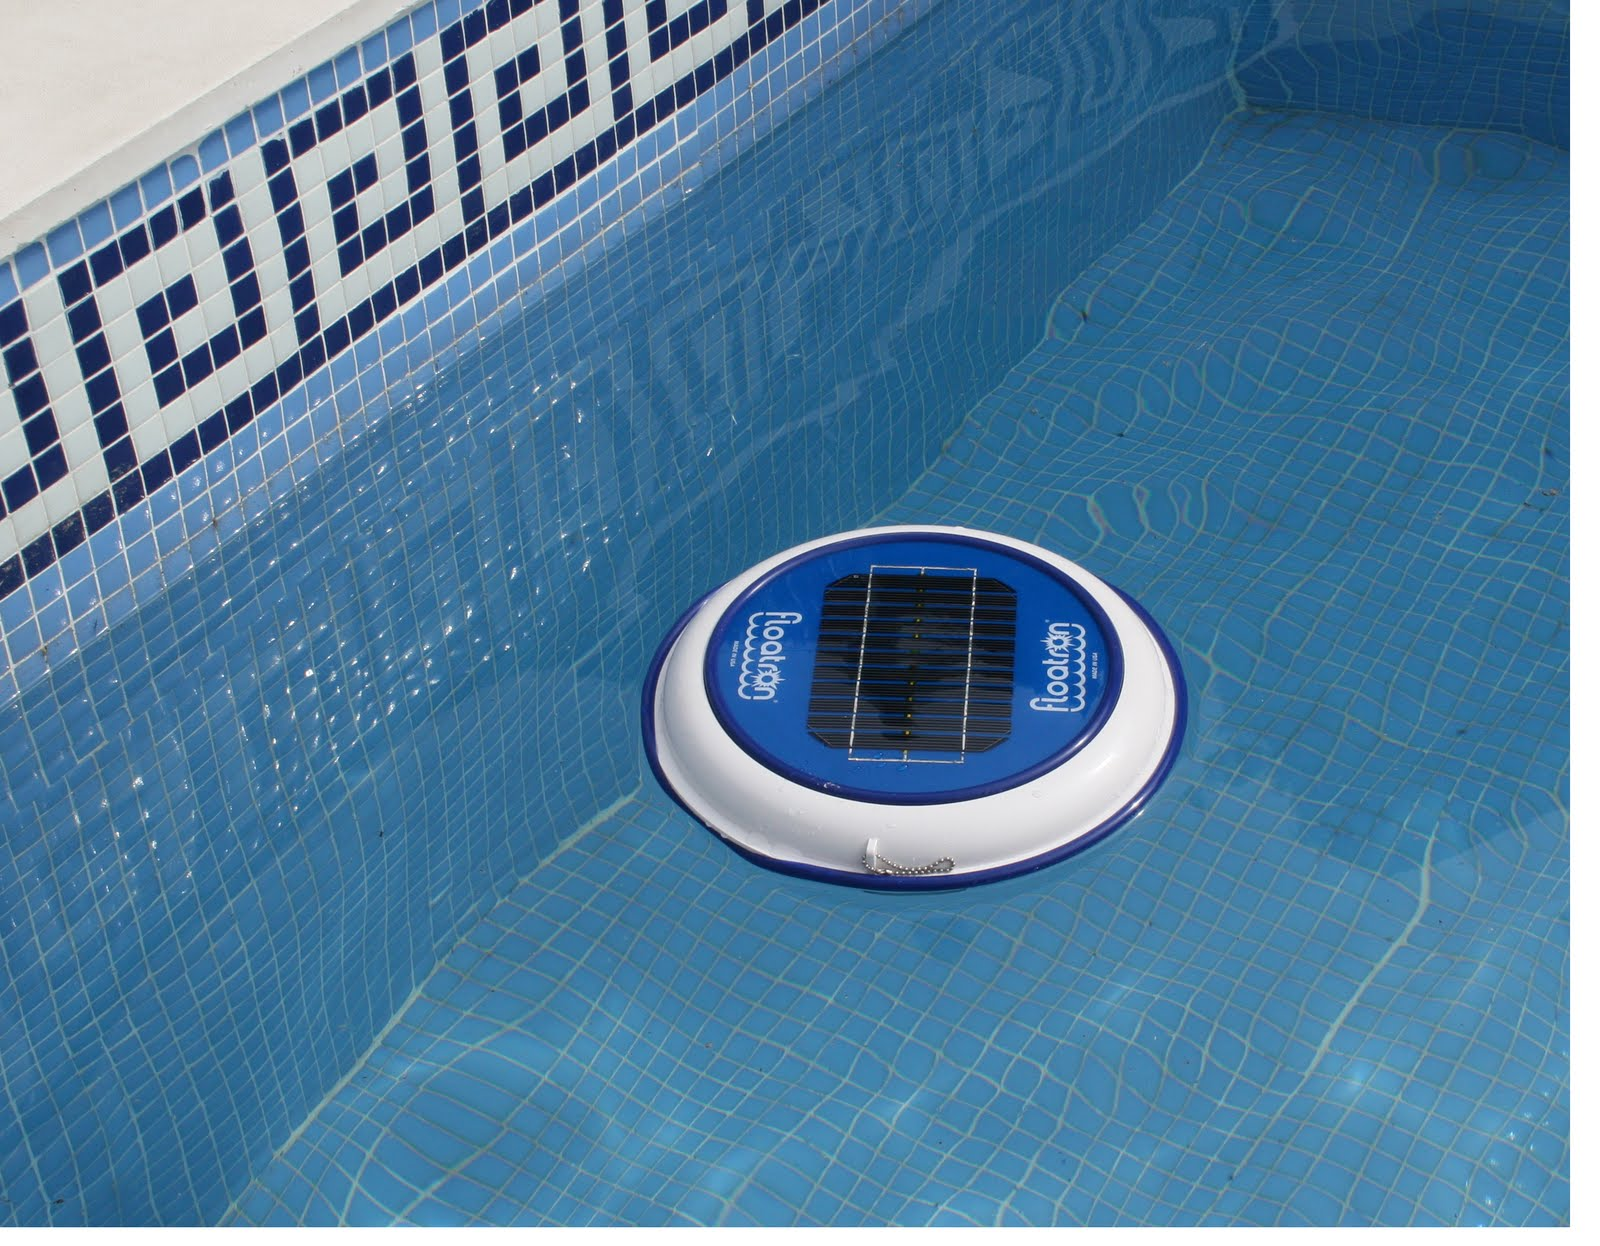 Filtro para limpiar las piscinas con energ a solar for Como limpiar el filtro de la piscina